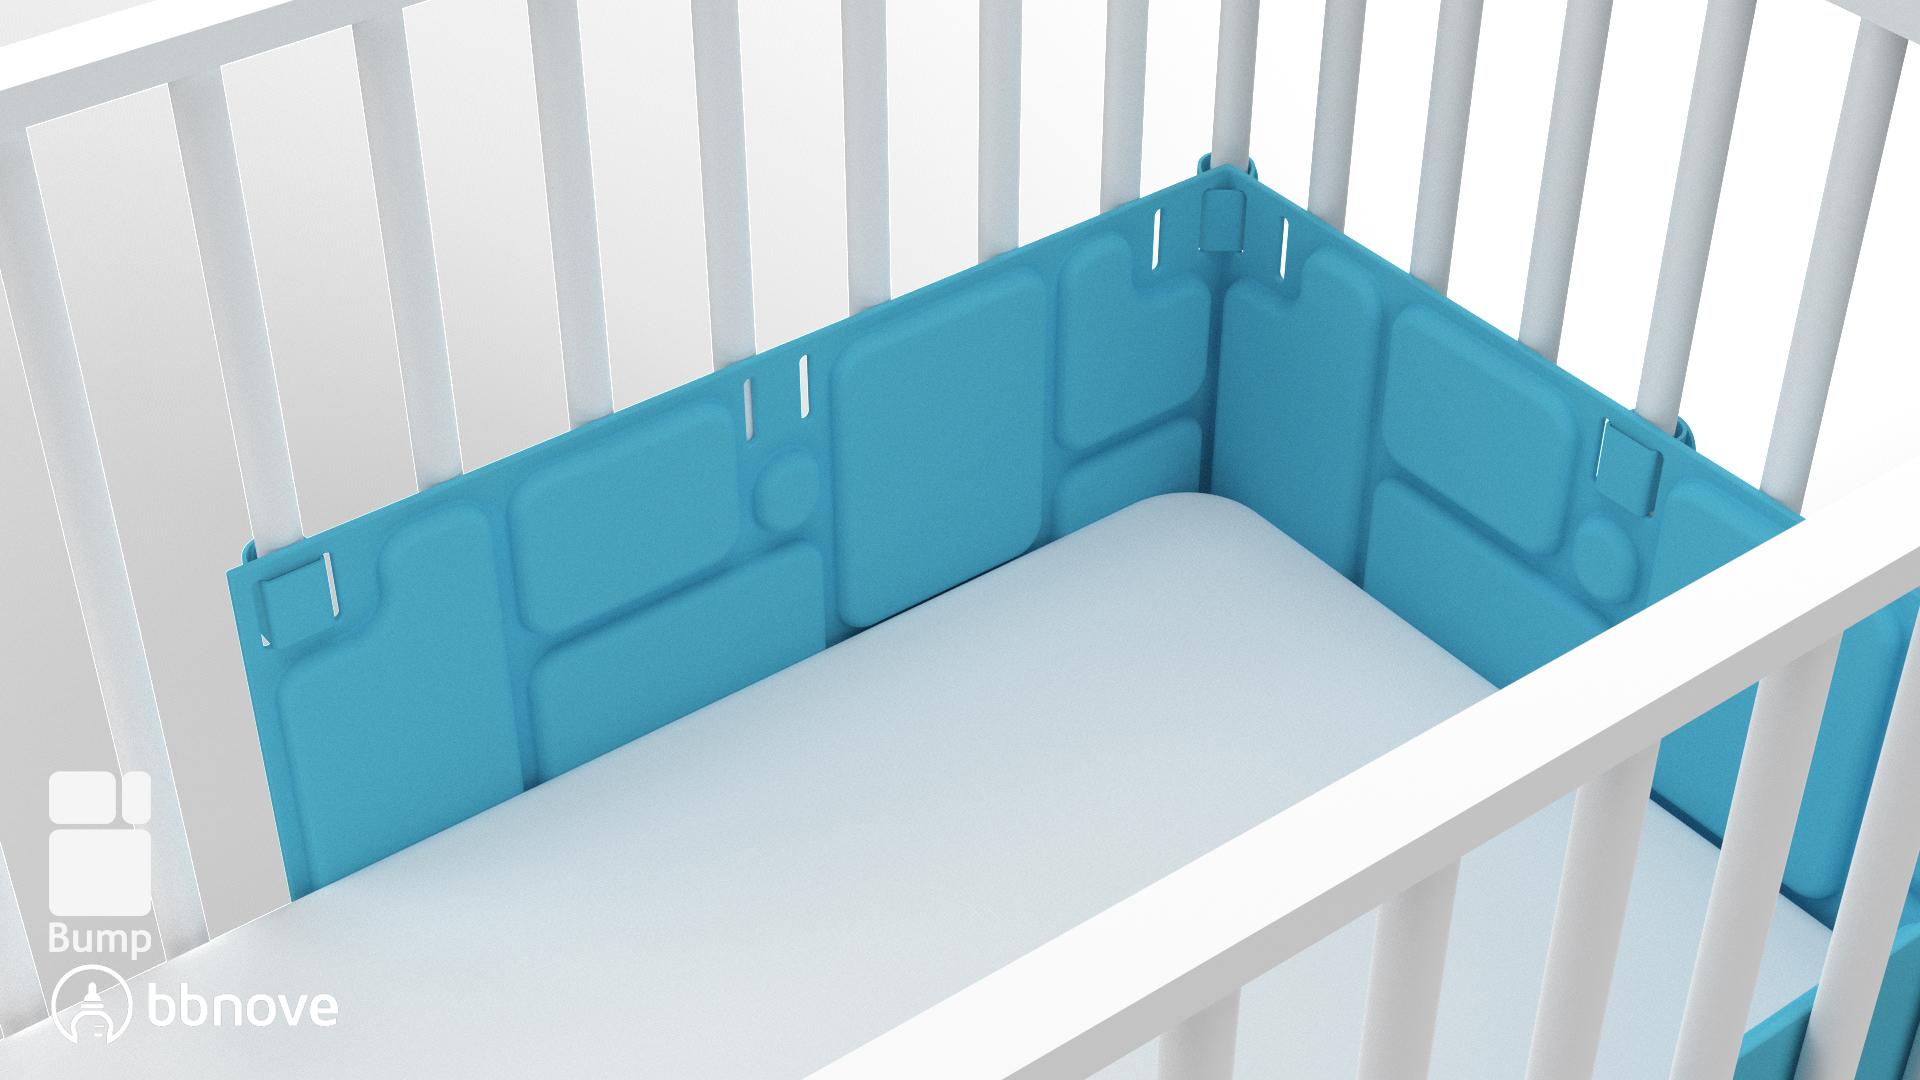 tour de lit bébé rigide L'exercice de style // Bbnove x Kvadrat – bbnove tour de lit bébé rigide